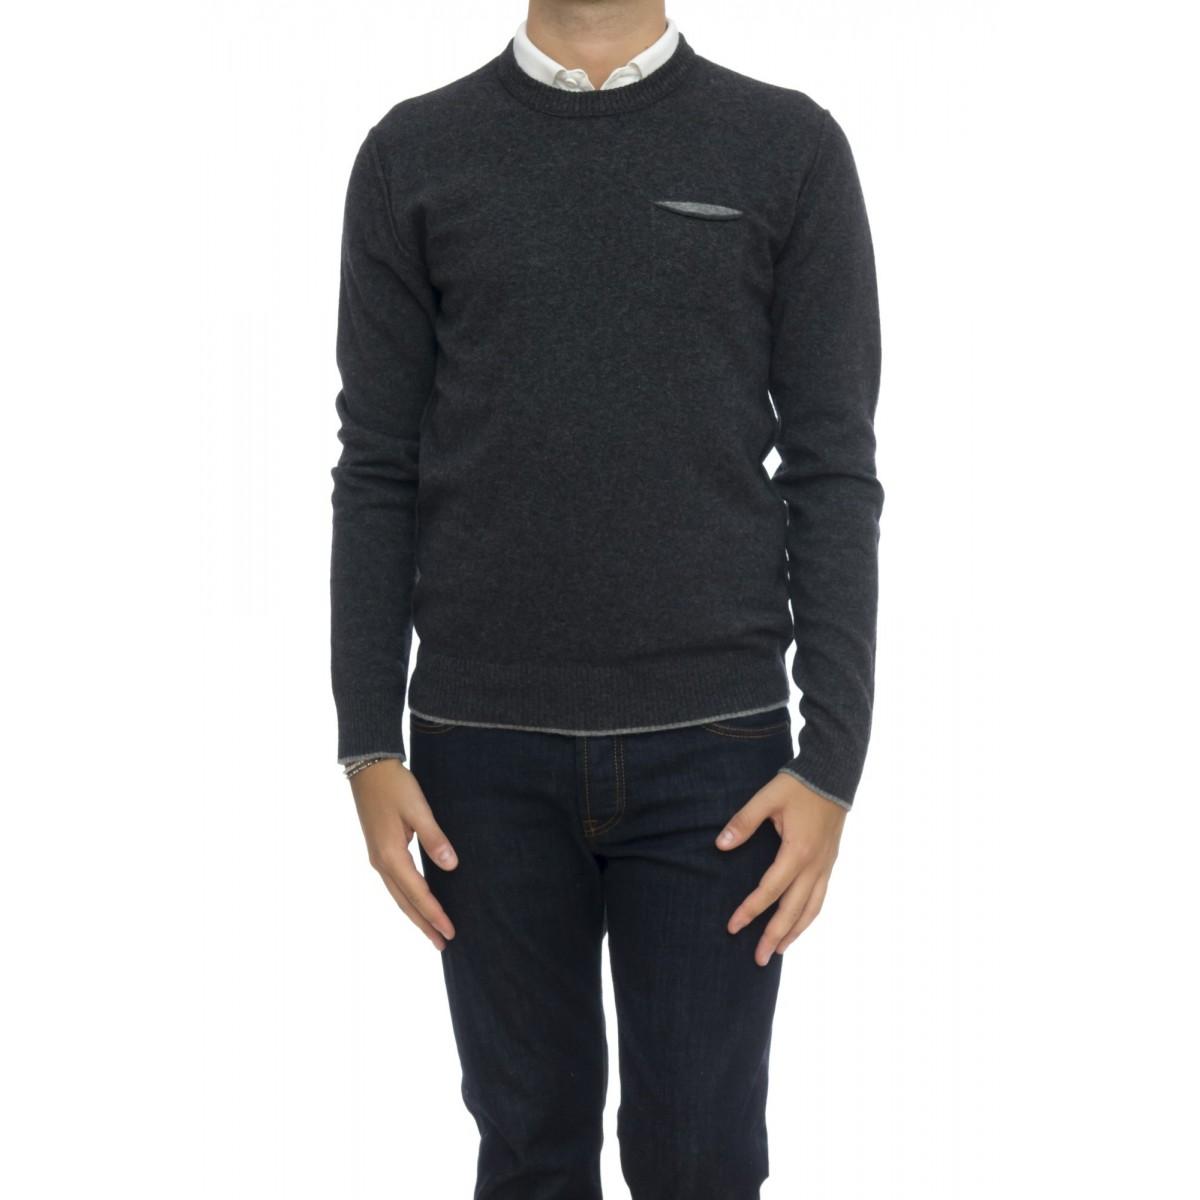 Maglia uomo - Womag1802 maglia giro taschino